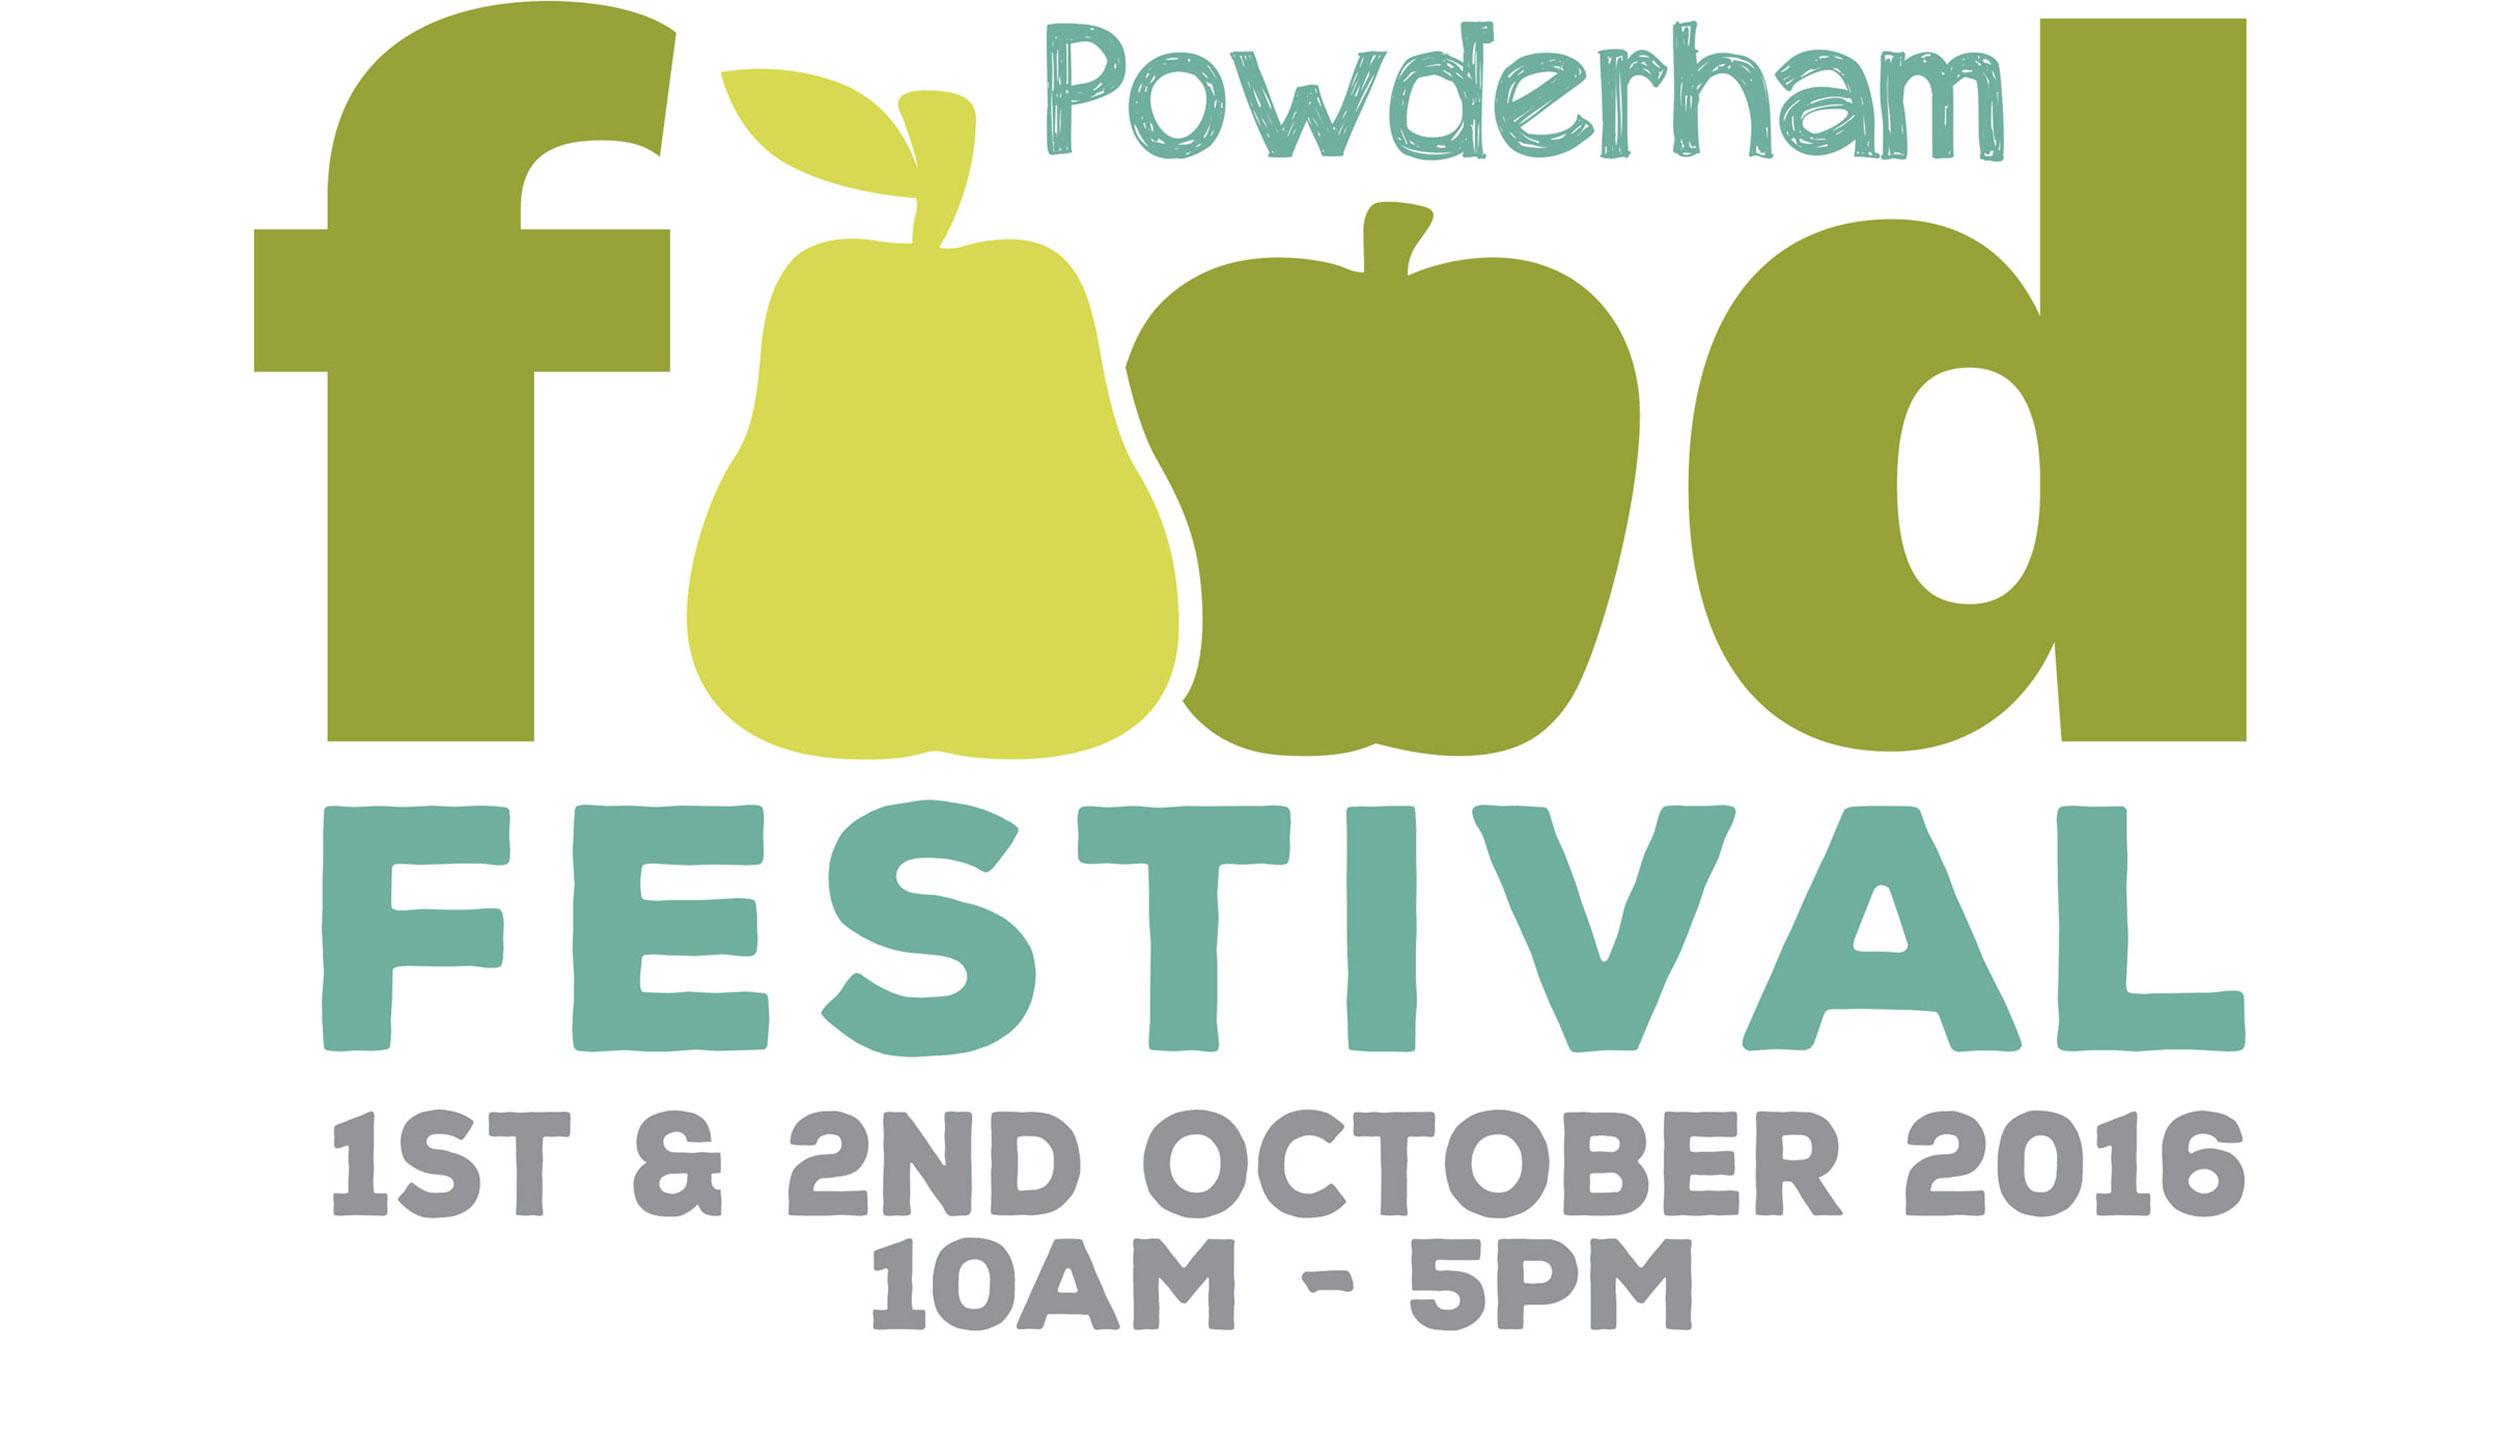 Powderham-Food-Festival-logo.jpg